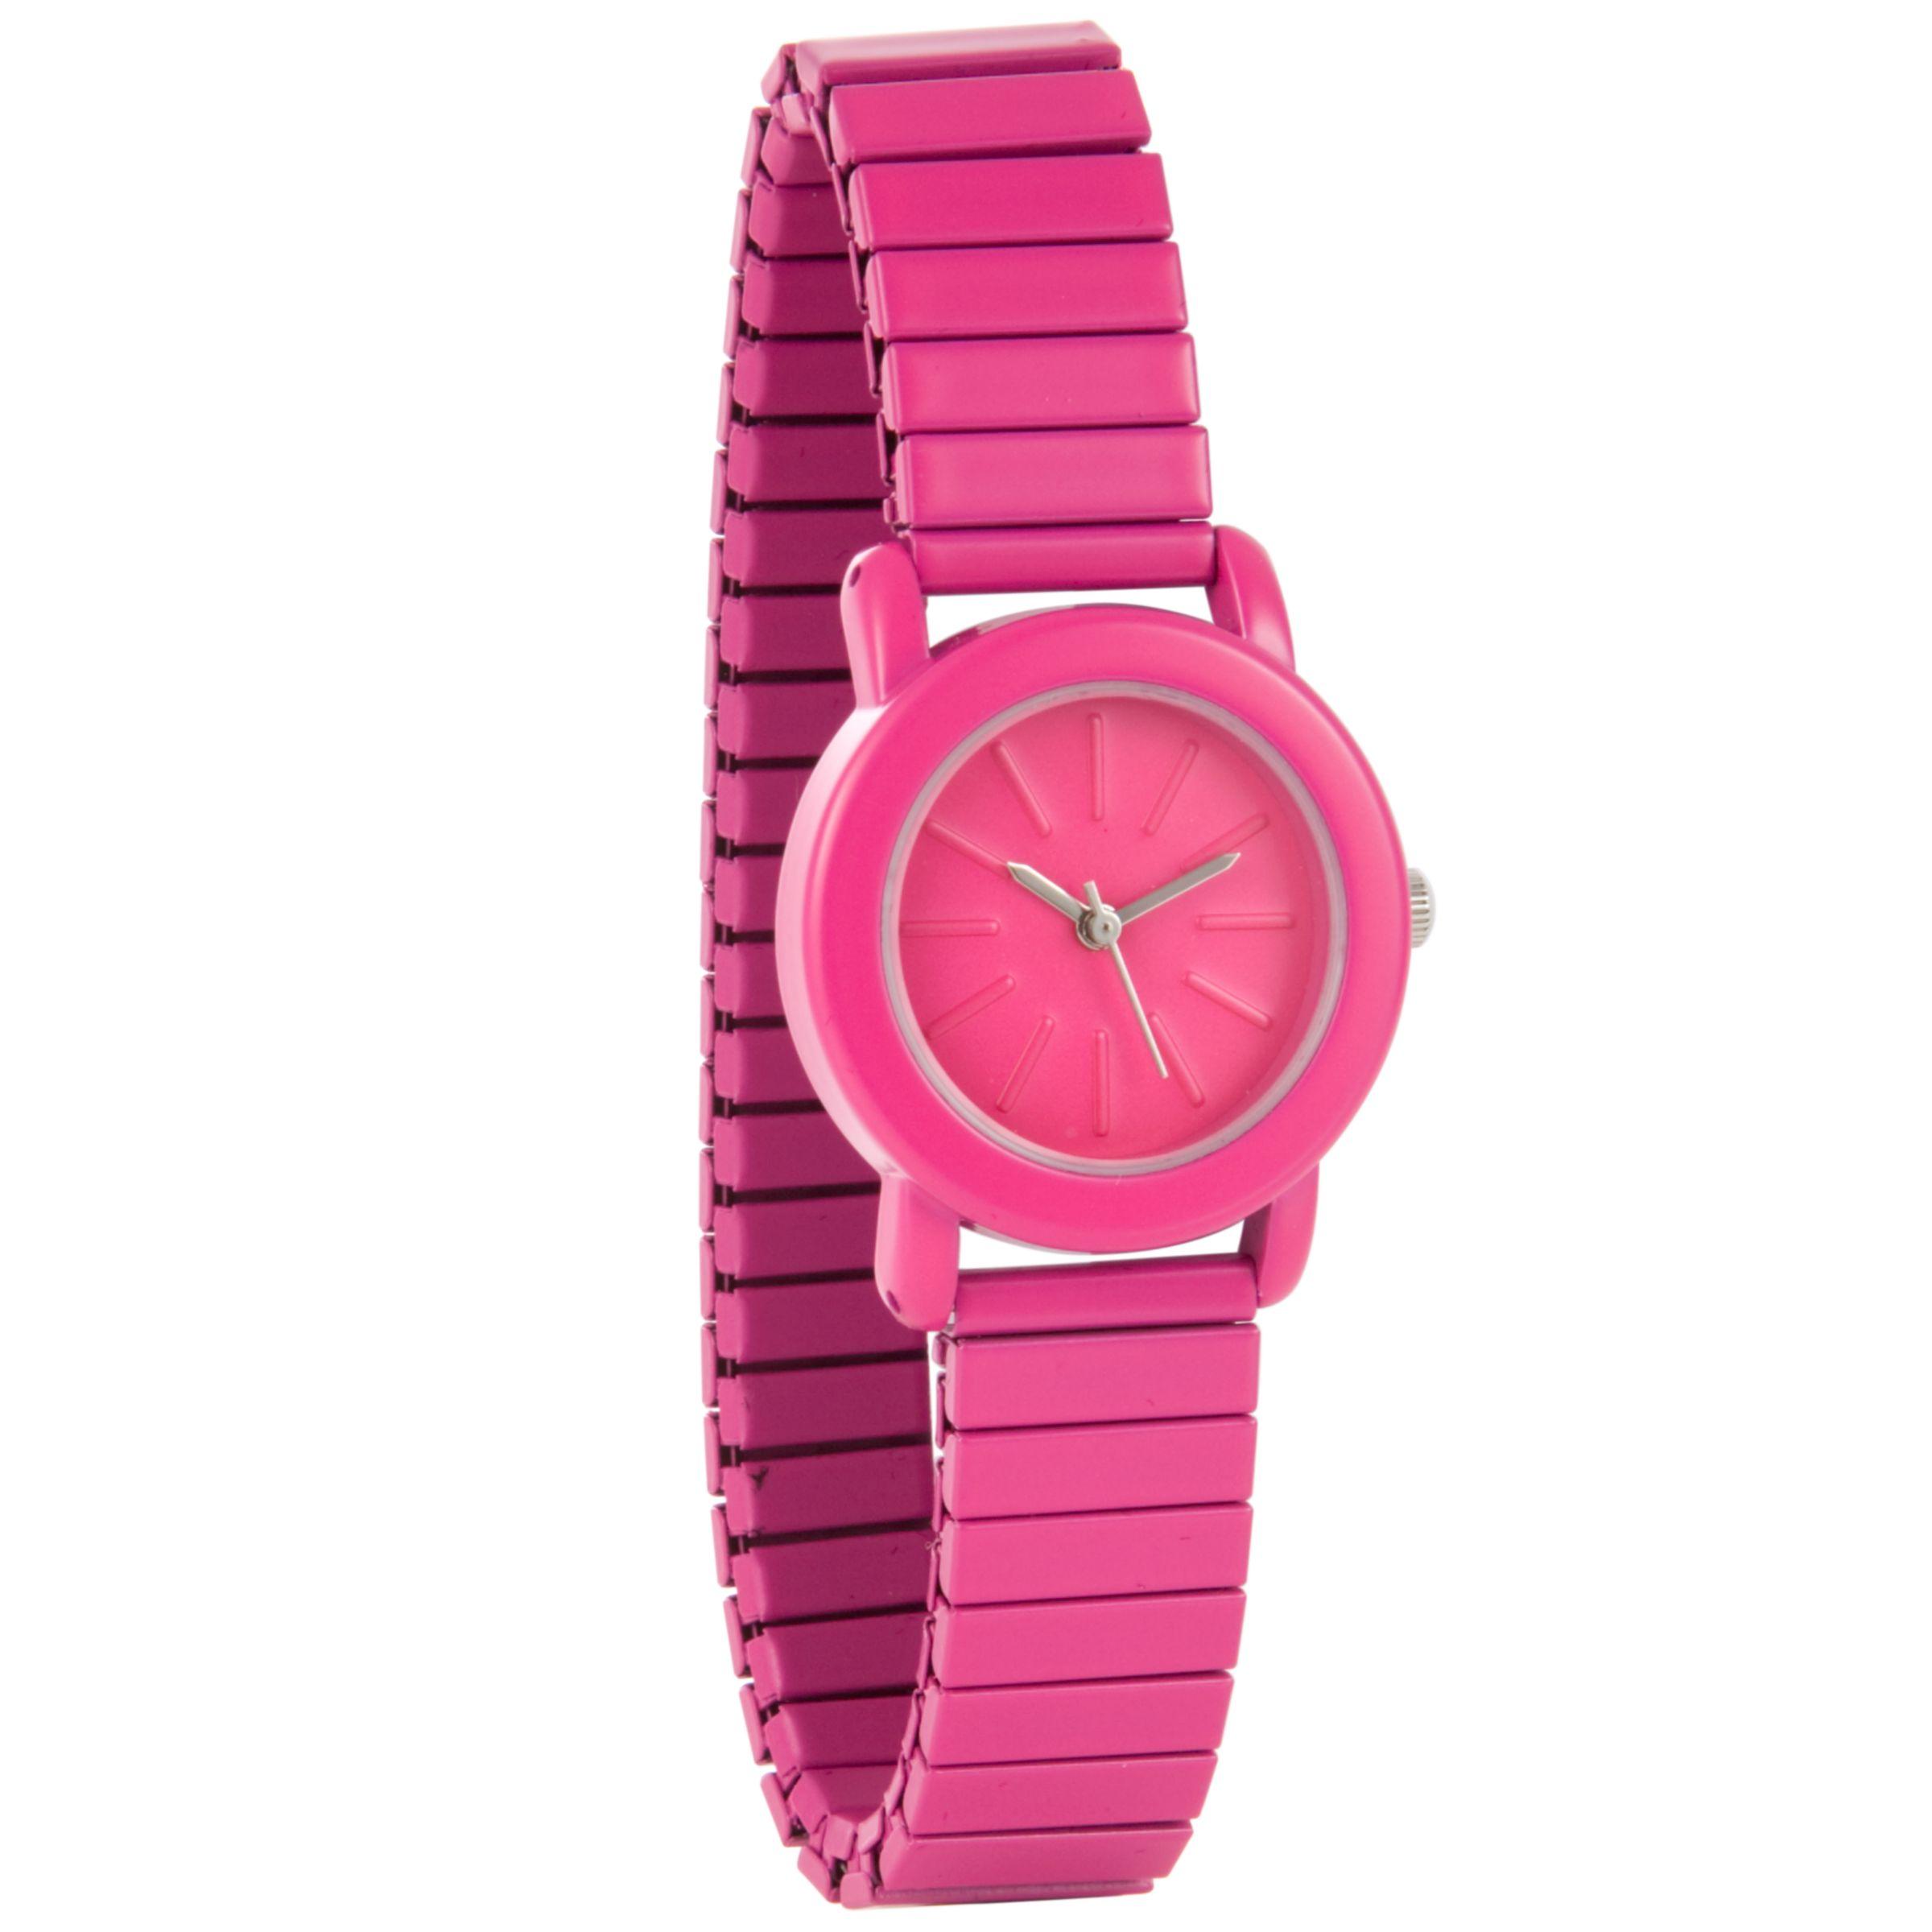 John Lewis Women Expander Bracelet Watch, Pink